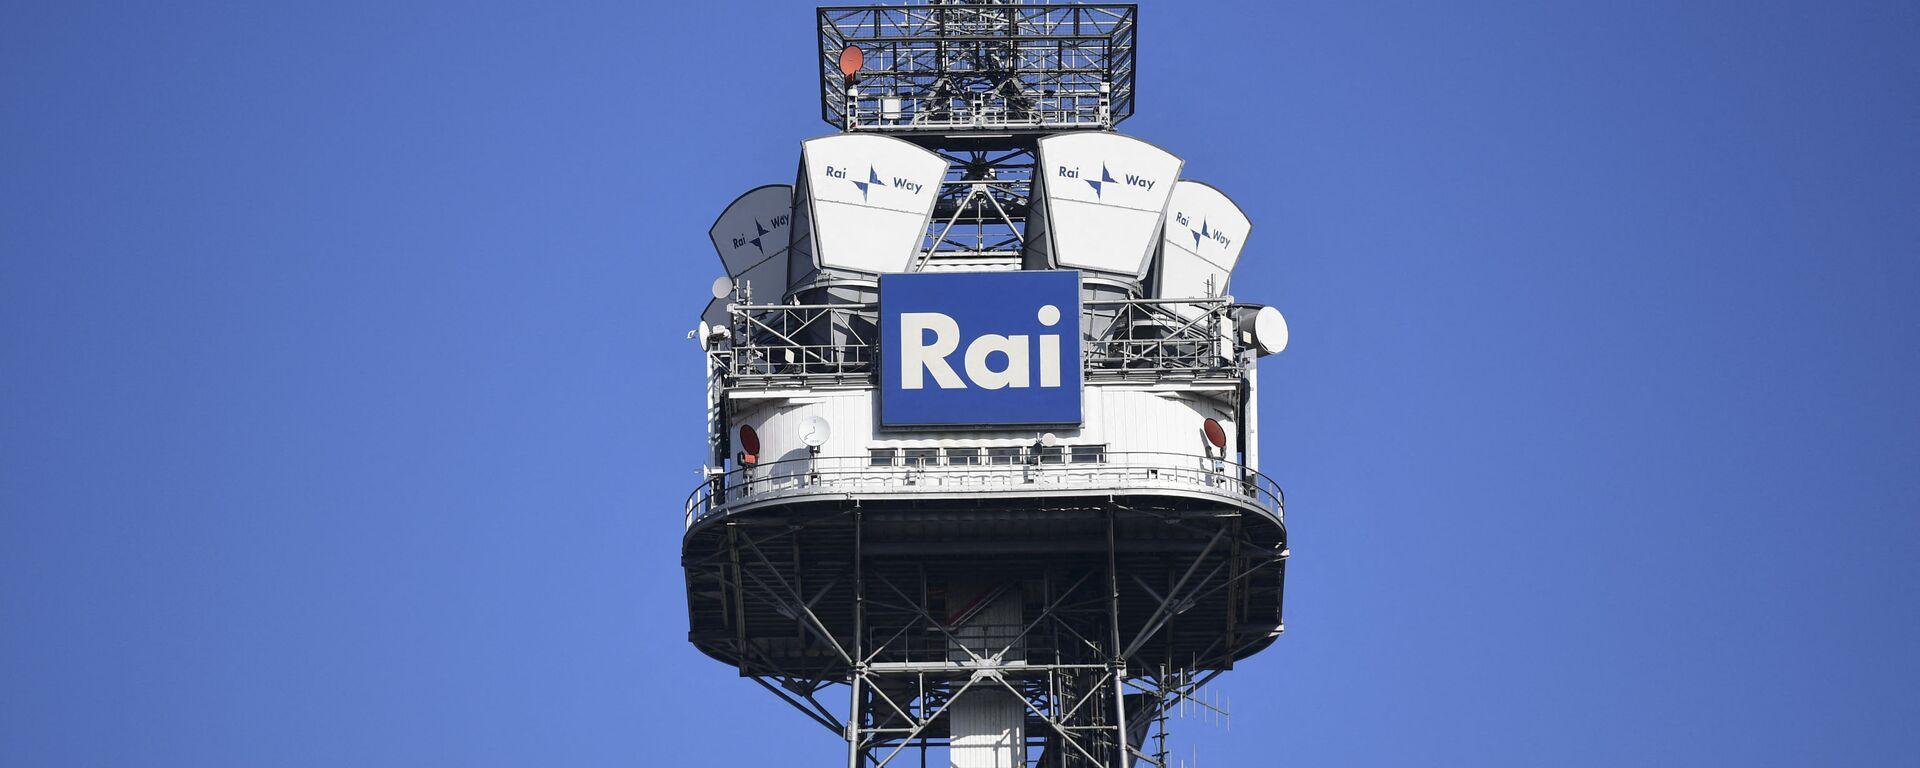 RAI Milano - Sputnik Italia, 1920, 27.07.2021